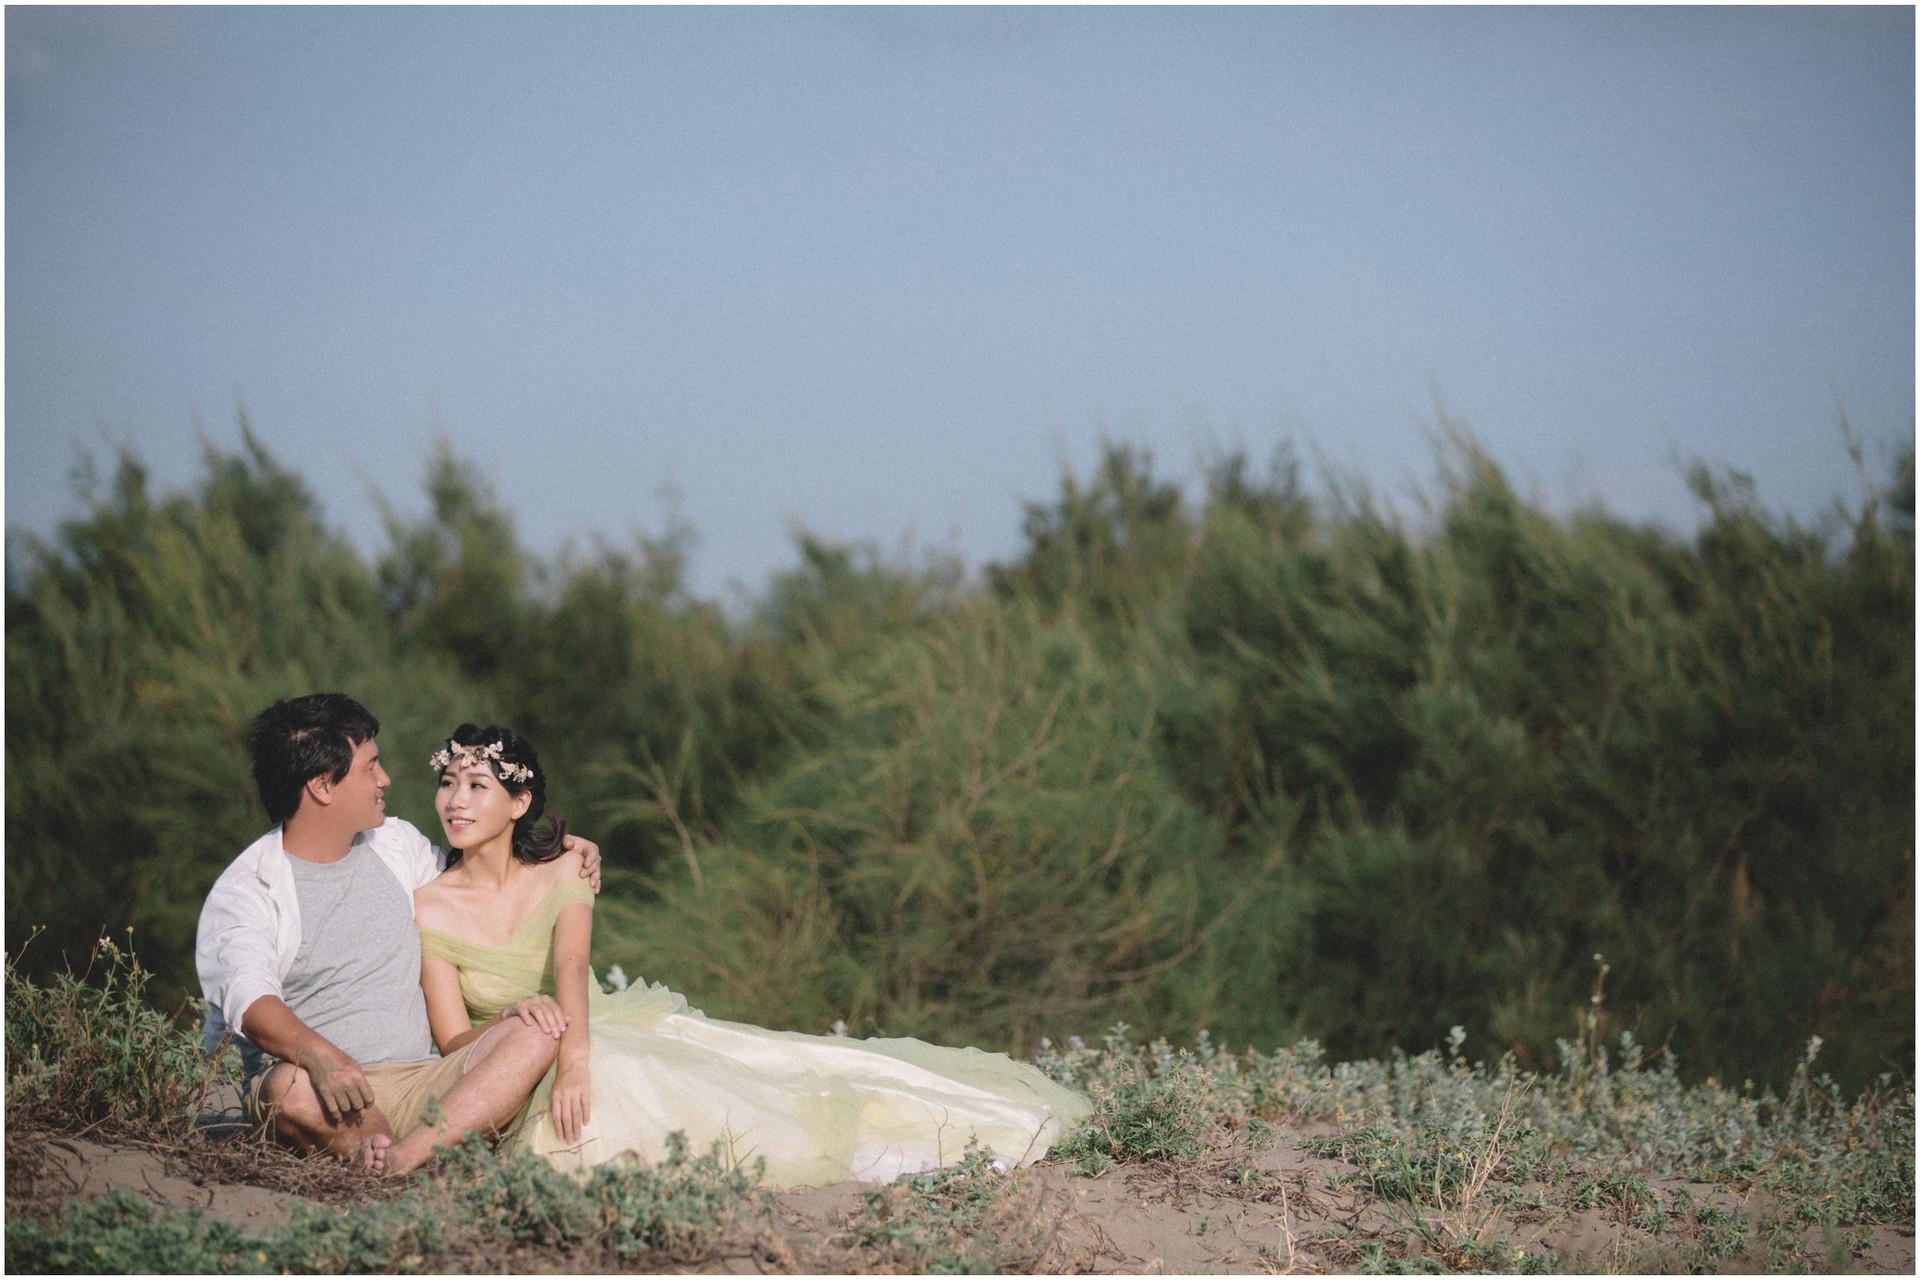 擎天崗 / 黑森林 / 沙崙海邊 / 寵物婚紗 / 素人寫真